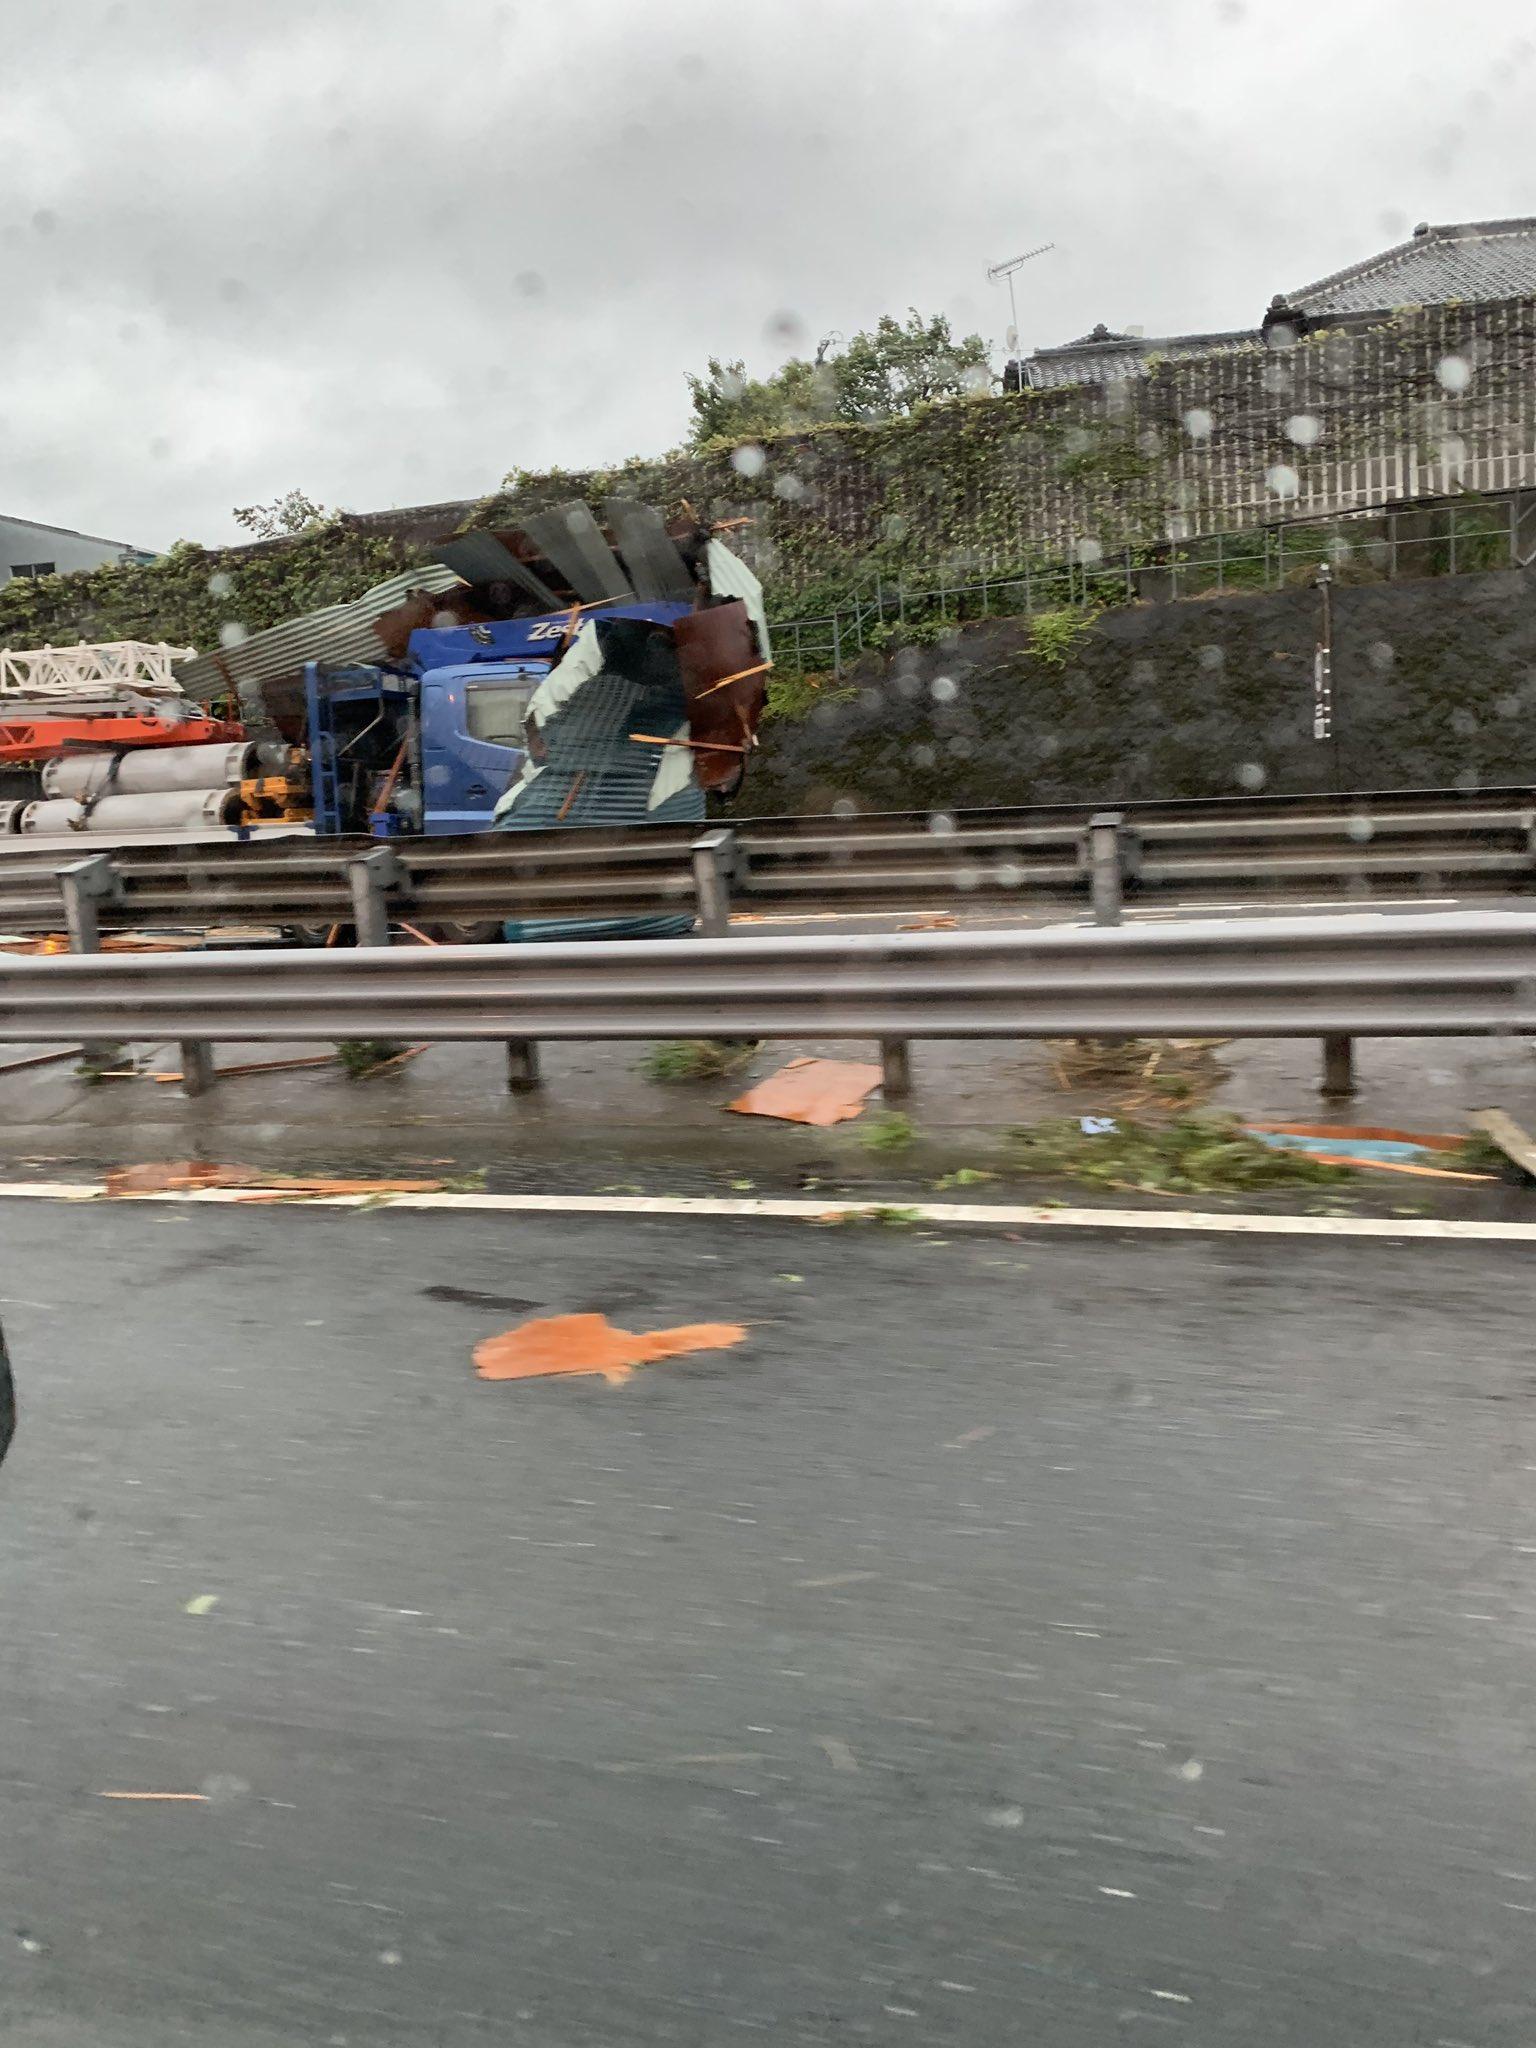 画像,東関道千葉北付近の上り線で、どこかの飛ばされたトタン屋根とトラックがぶつかってた。 https://t.co/oTk44OAdDy…